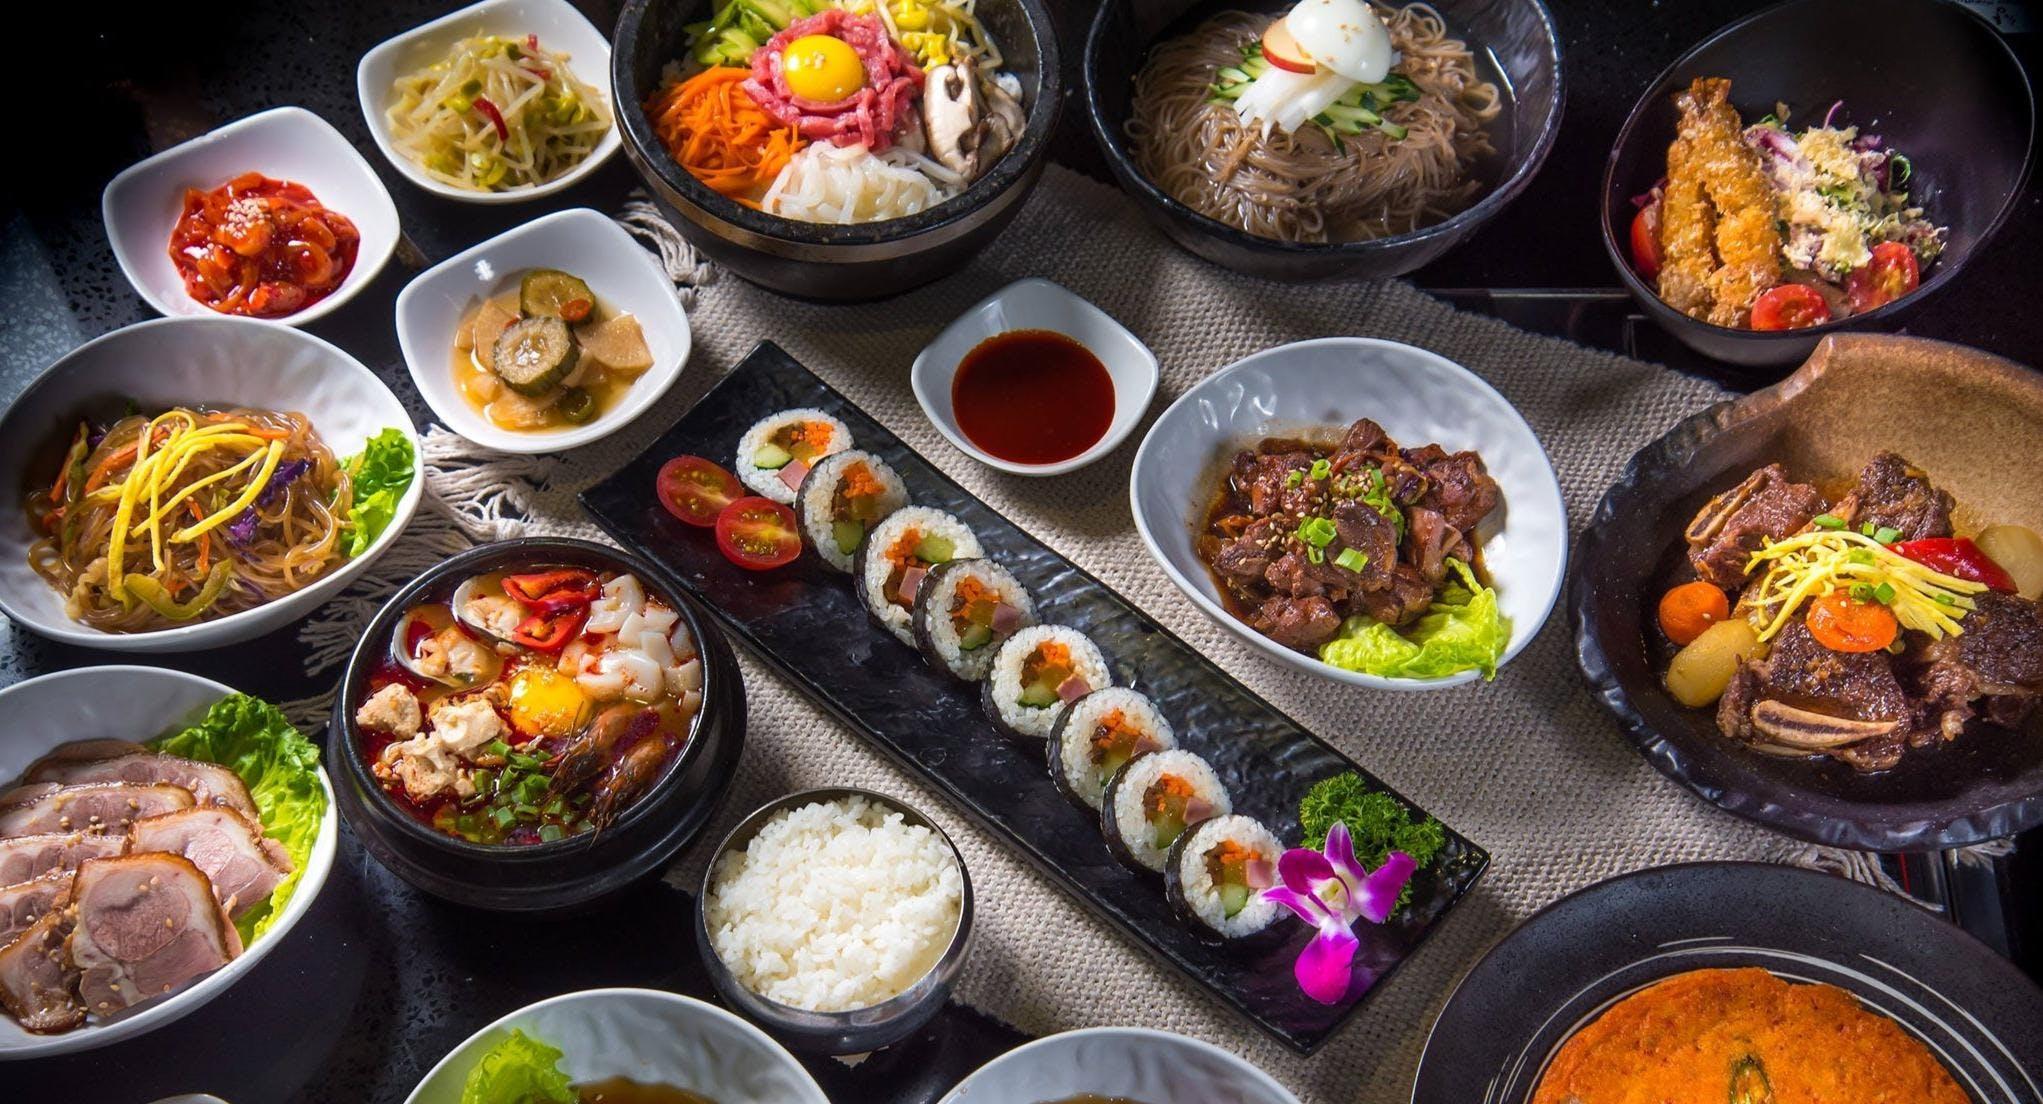 Pyeong Chang Korean BBQ MK 平昌 Hong Kong image 3